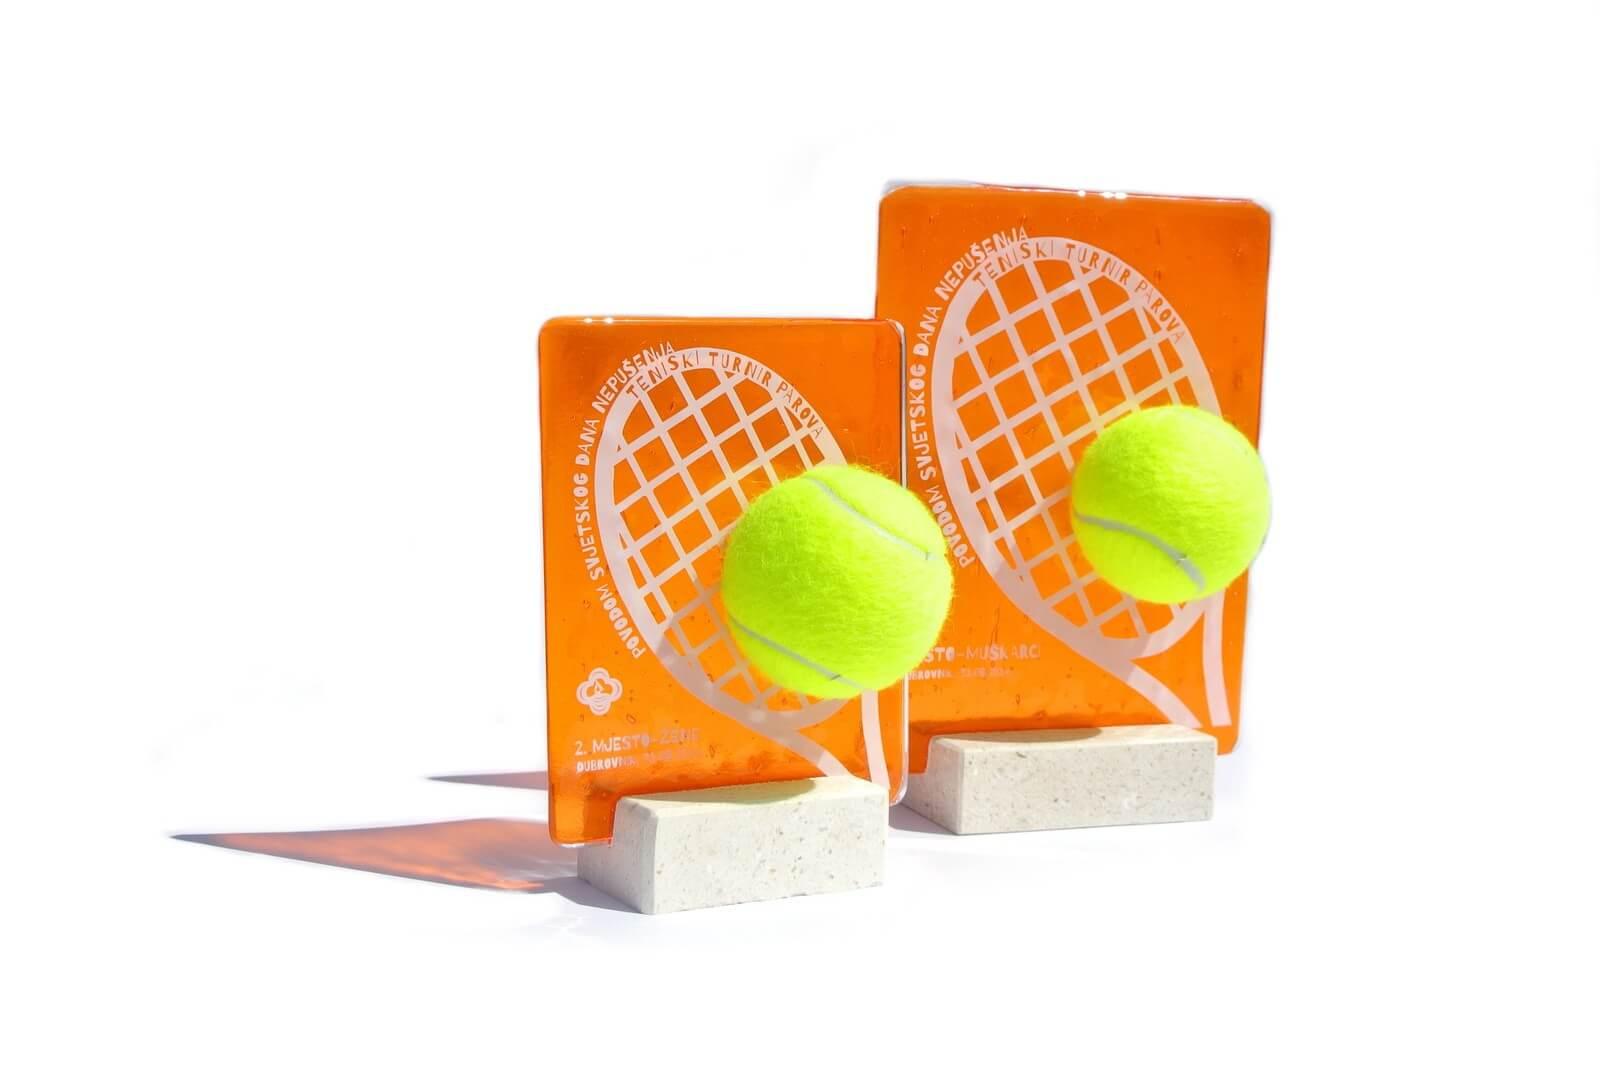 Dizajn sportskih nagrada - tenis